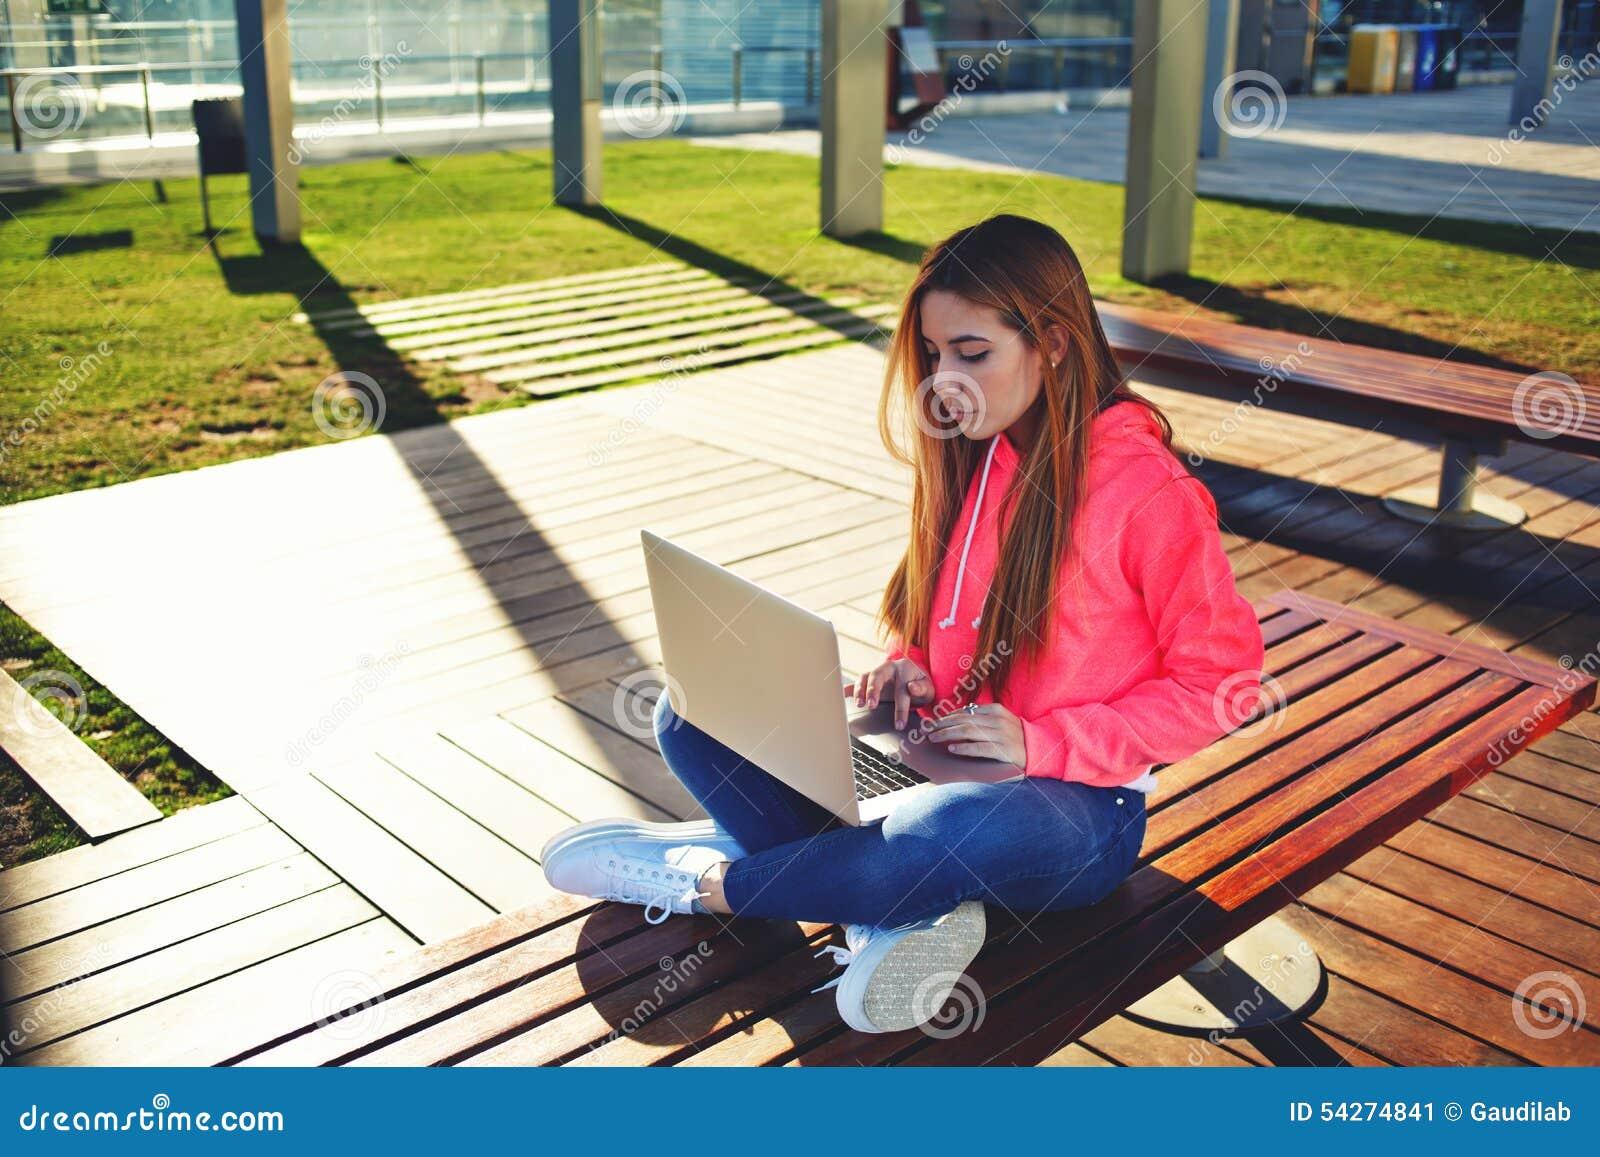 Studentin des blonden Haares, die auf der Laptoptastatur sitzt am Campus schreibt